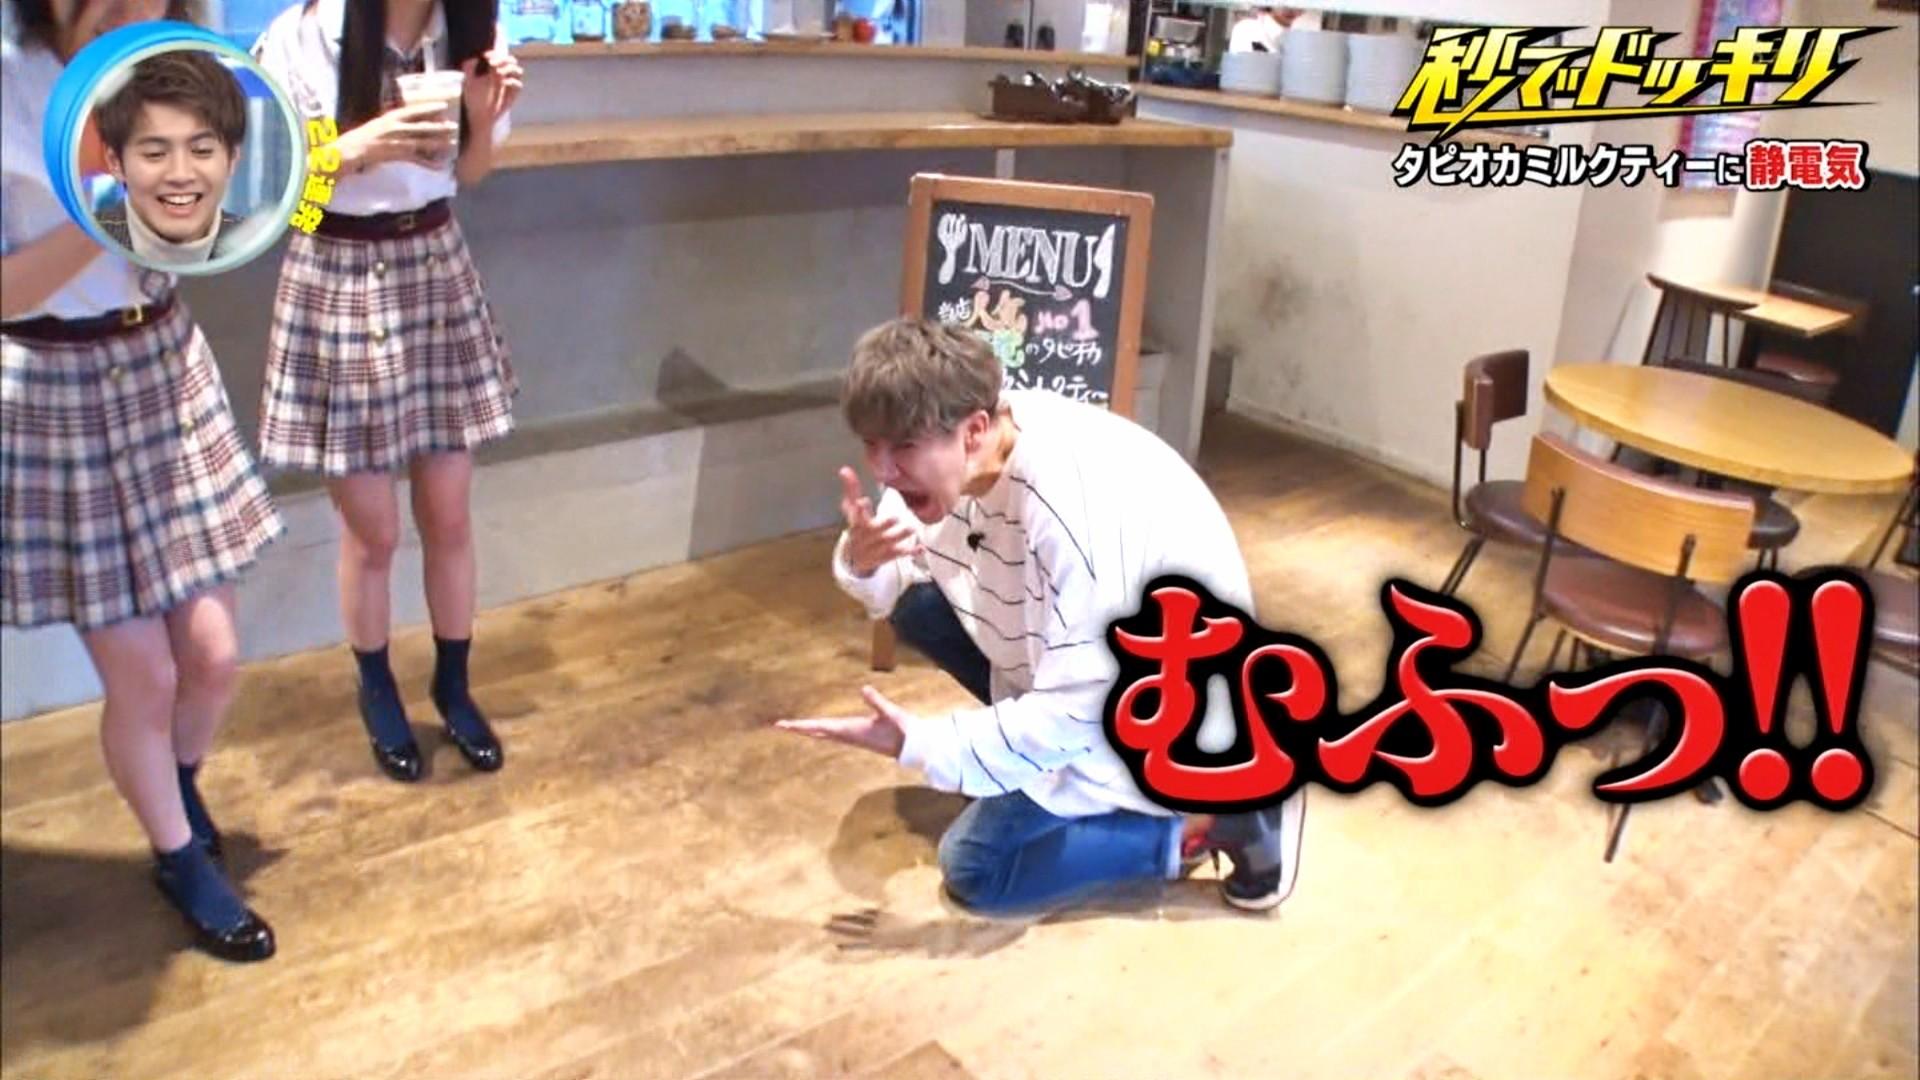 2019年11月30日にフジテレビ系列でほうそうされた「芸能人が本気で考えた!ドッキリGP」に出演したNMB48上西怜・大田莉央奈の画像-007